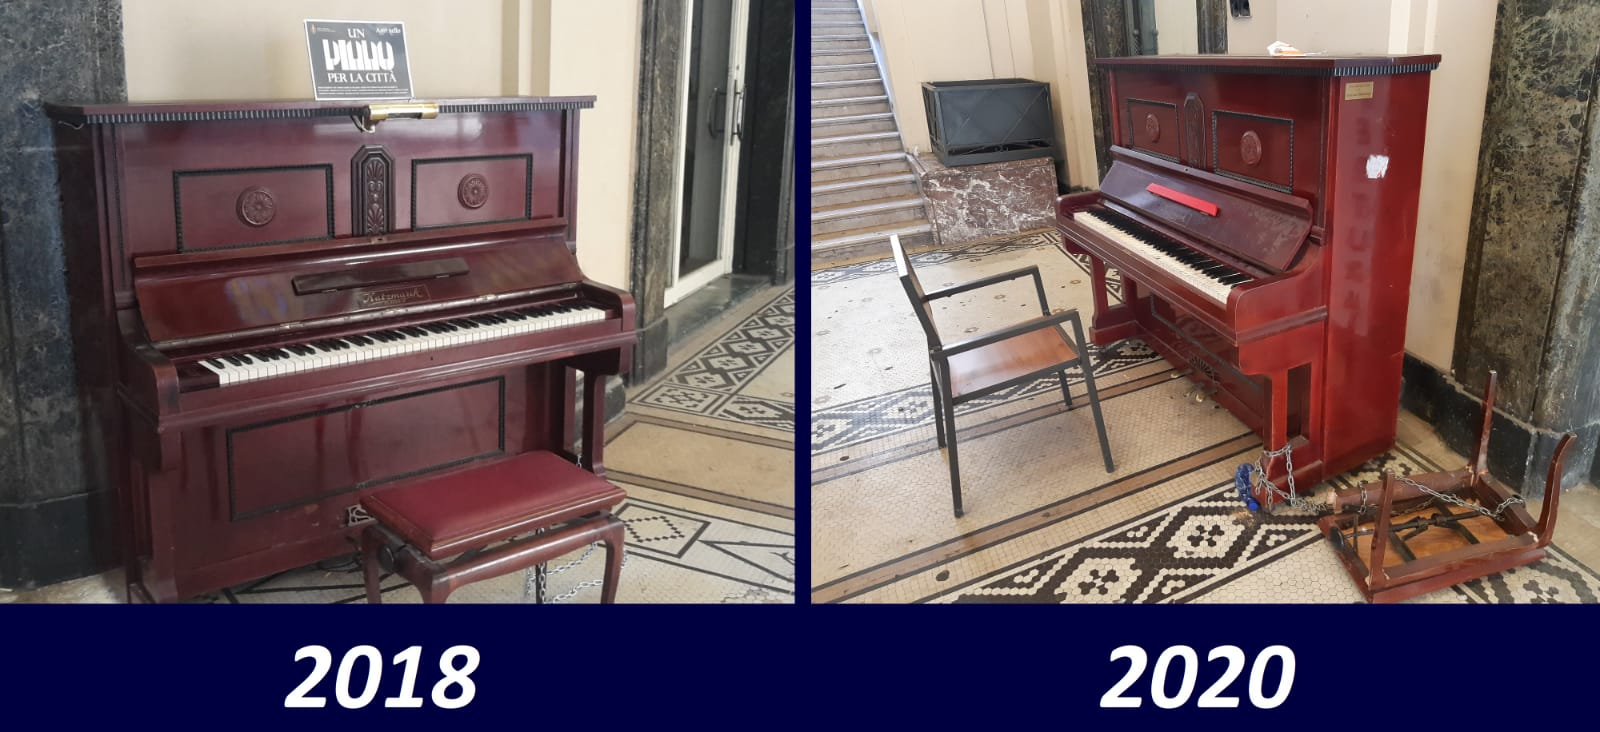 pianoforte della galleria vittorio emanuele di messina nel 2018 e nel 2020